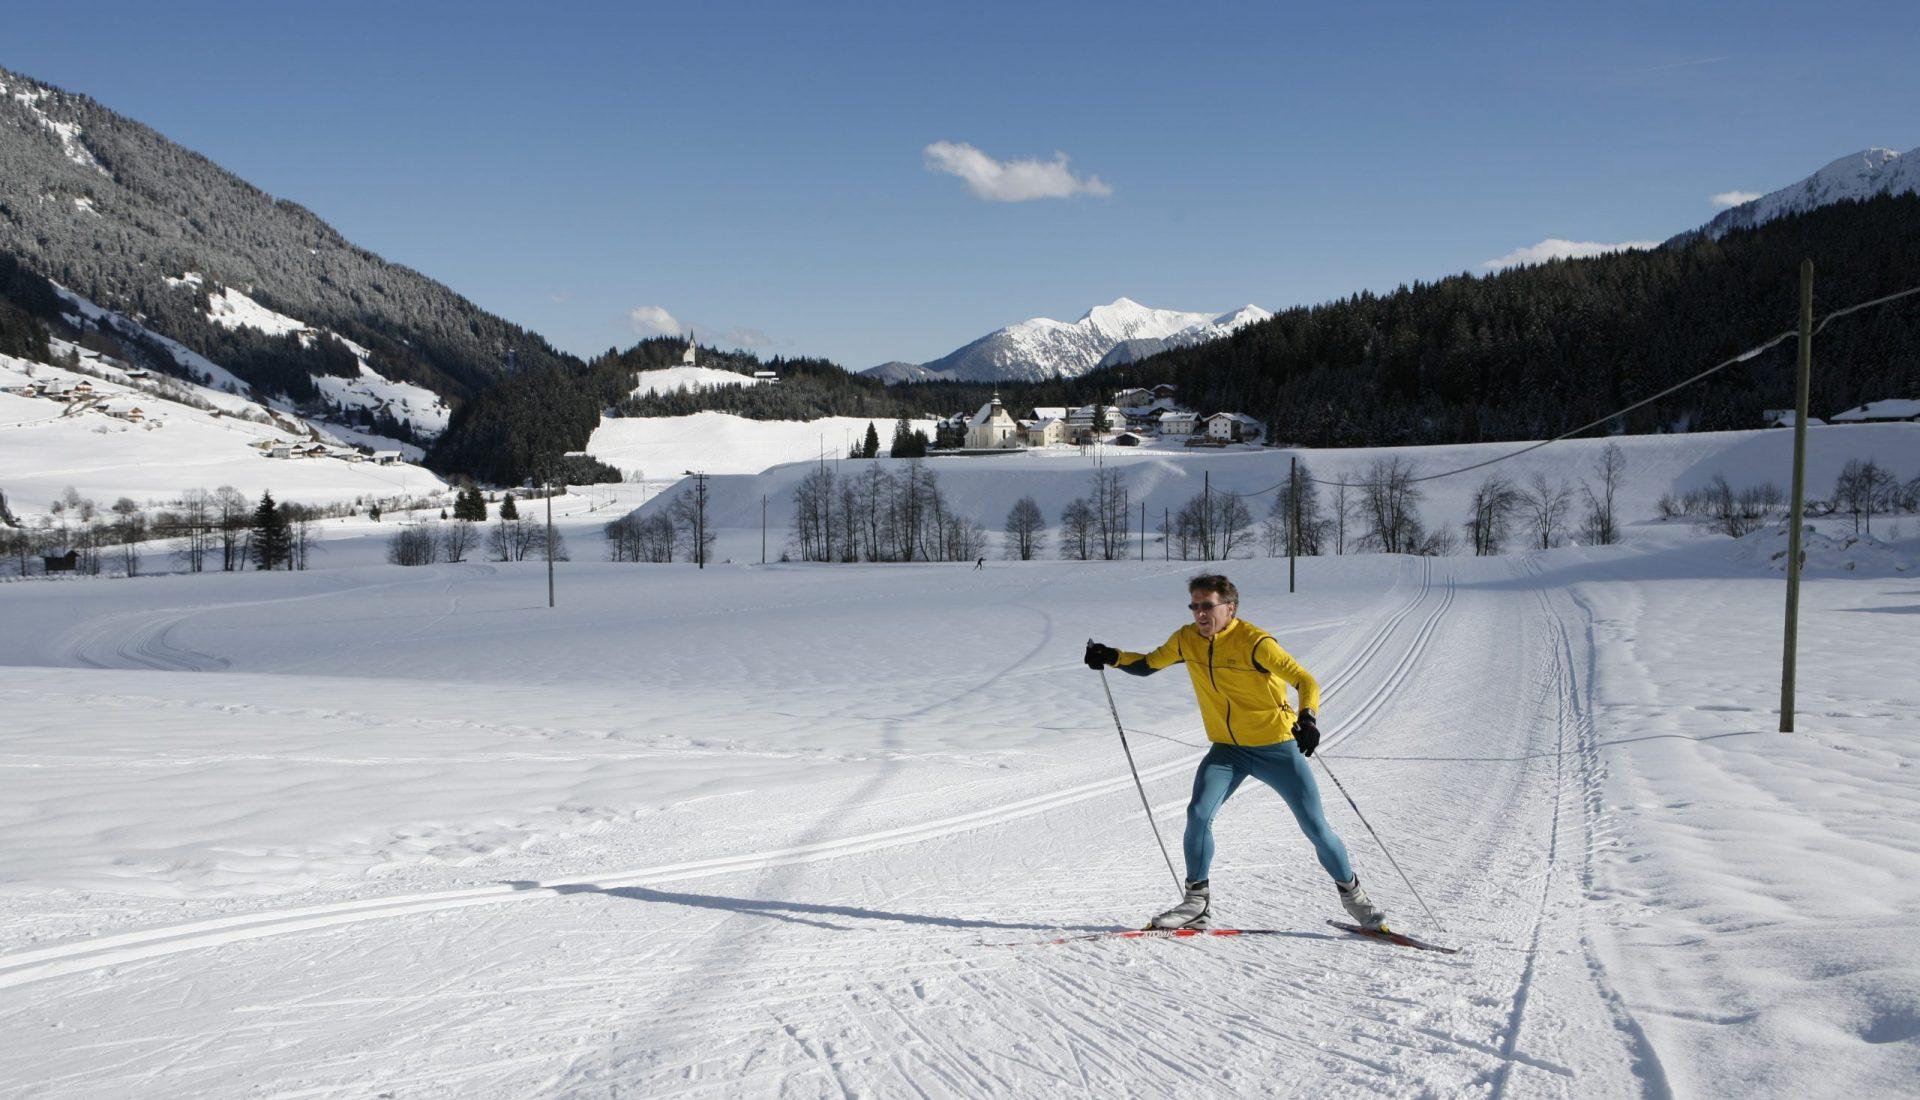 Langläufer auf Schneepiste